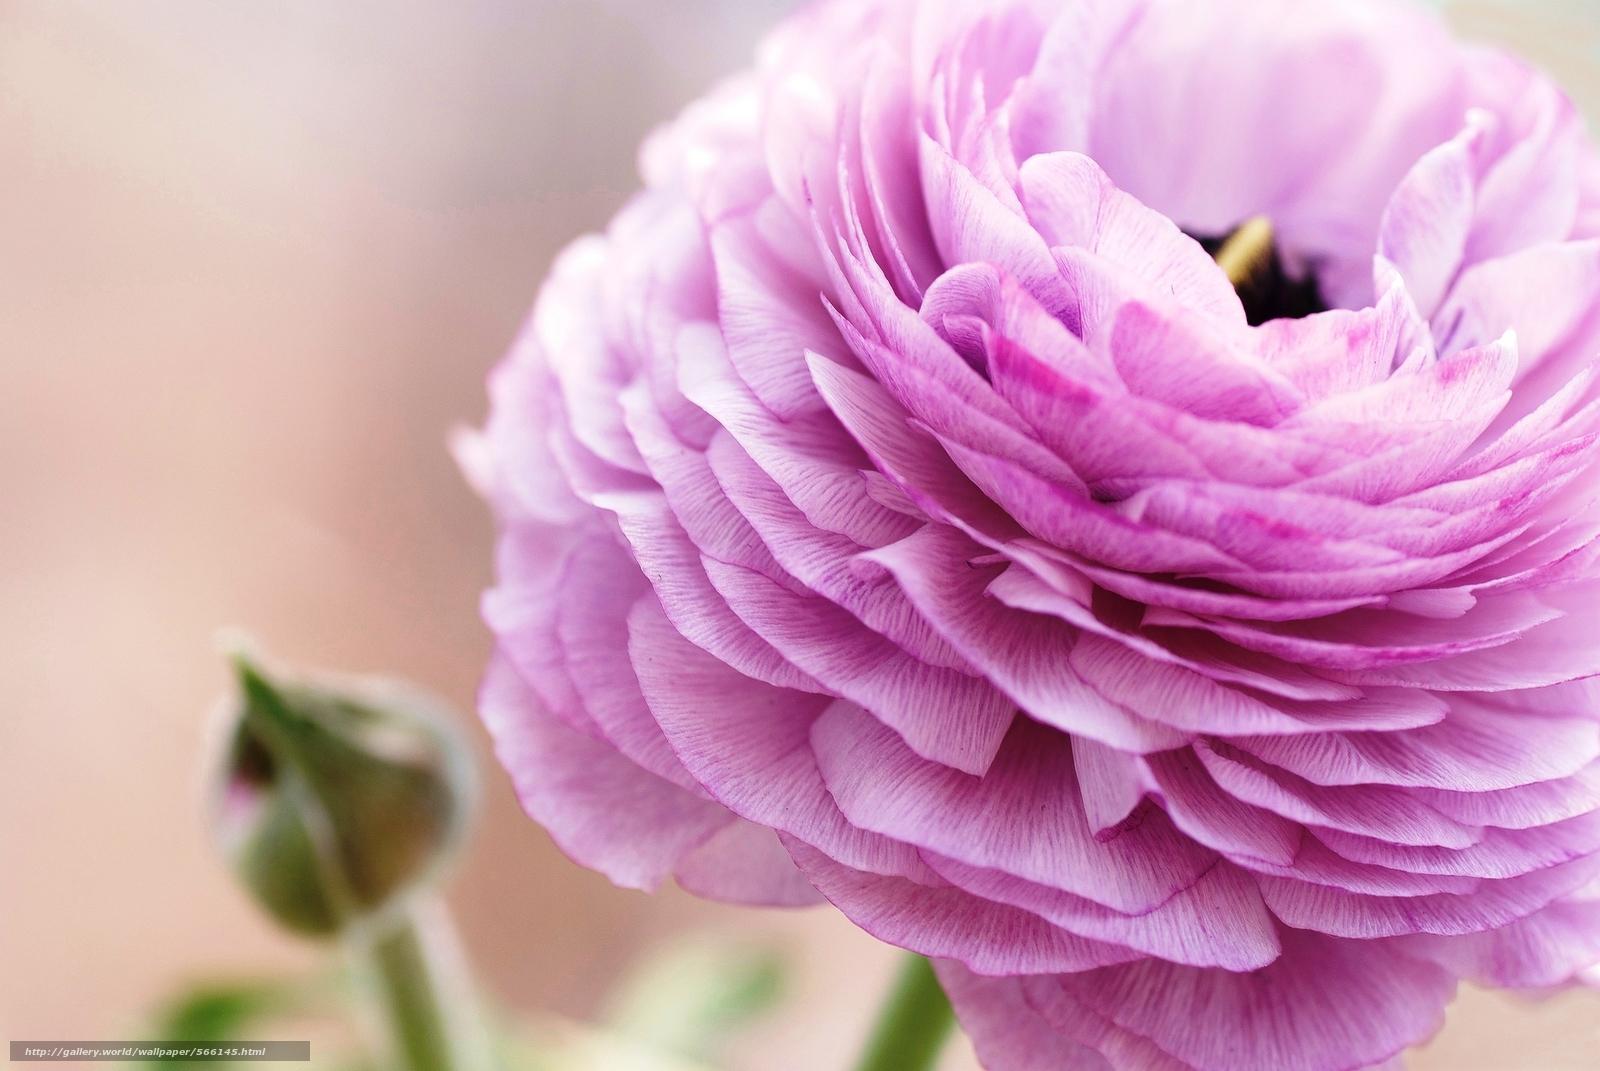 Скачать обои лепестки,  цветок,  розовый,  макро бесплатно для рабочего стола в разрешении 2048x1371 — картинка №566145